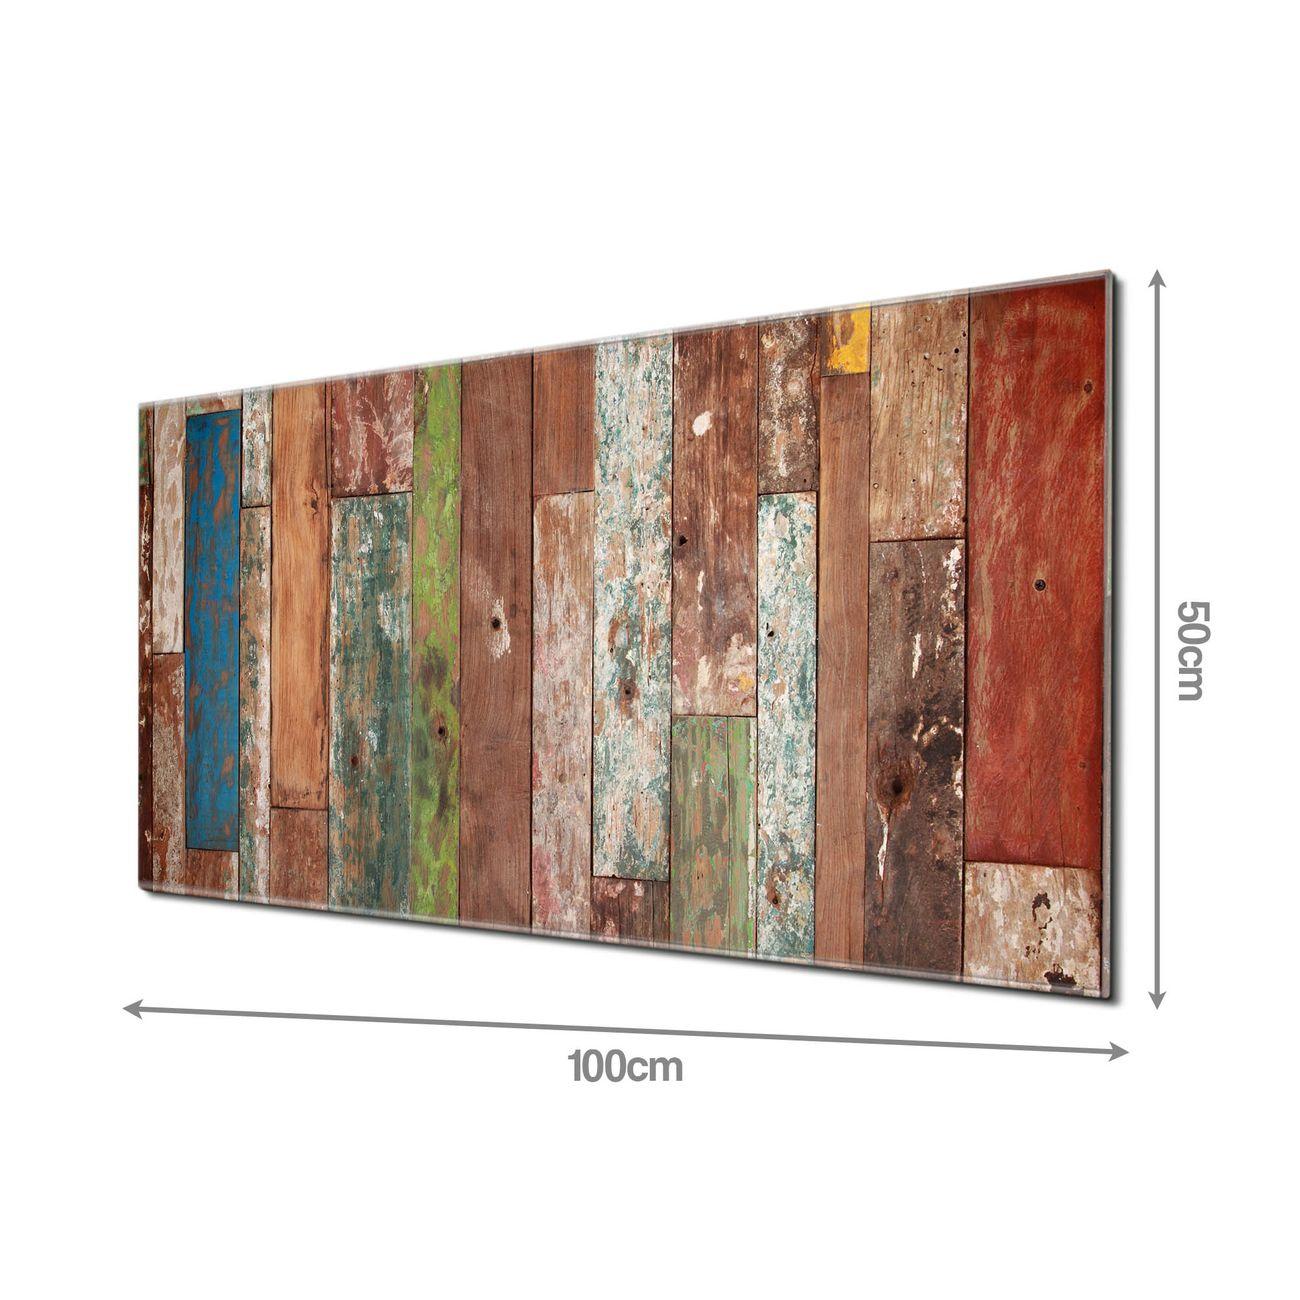 Küchenrückwand Glas Motiv Buntes Holz | banjado Wohnwelten